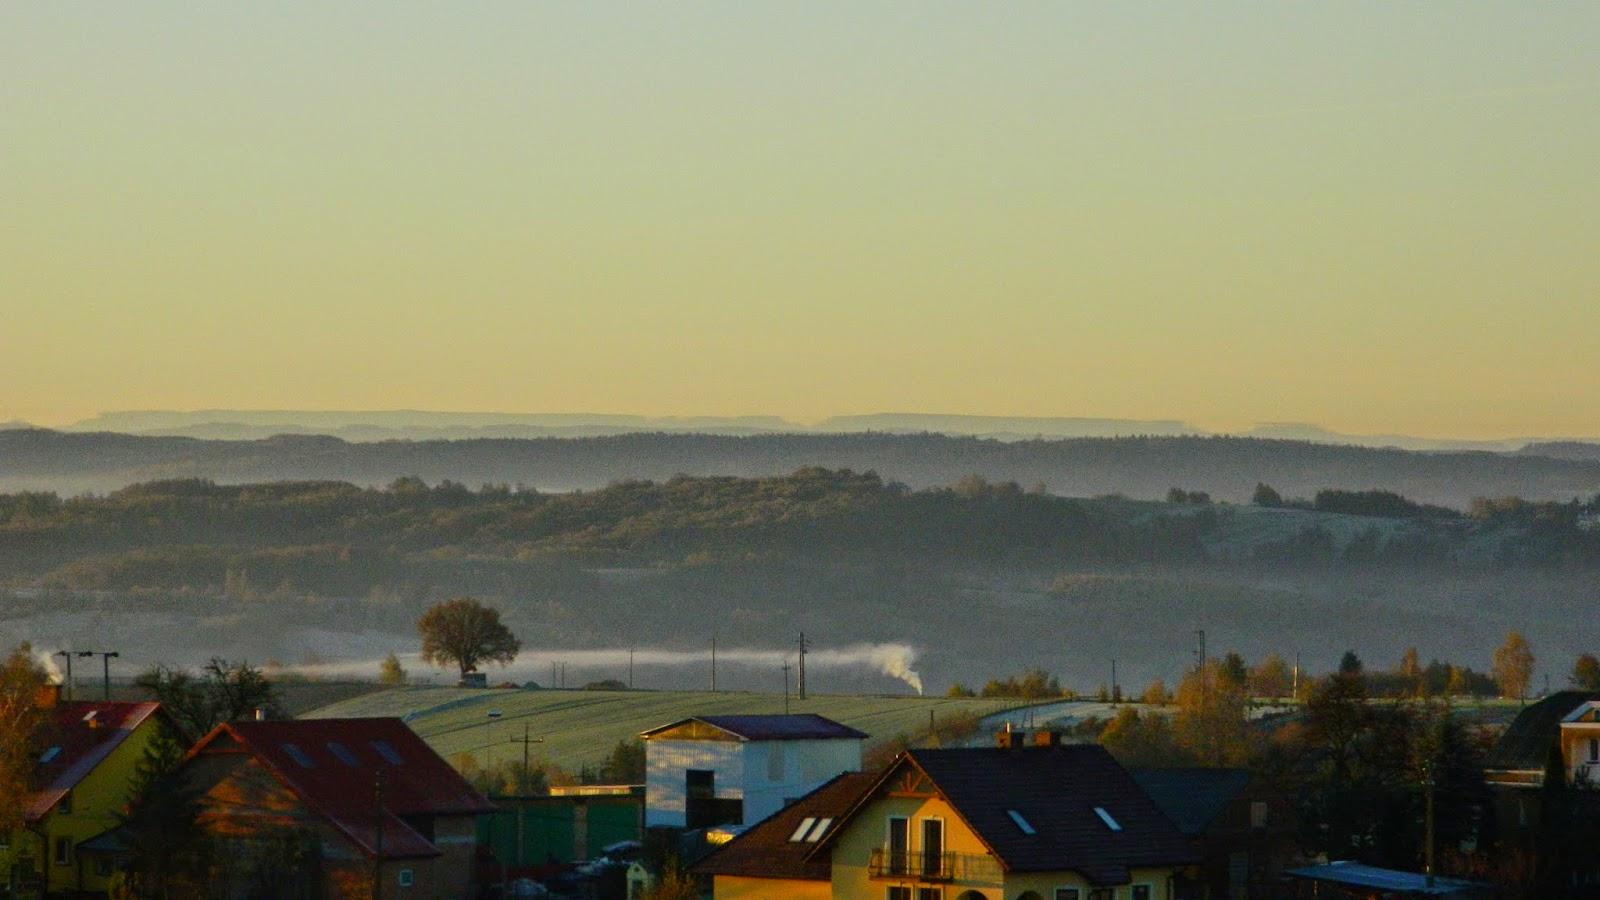 Widok na Bieszczady z Cierpisza, Rzeszów, Bieszczady, dalekie obserwacje, widać z Cierpisza, miraż